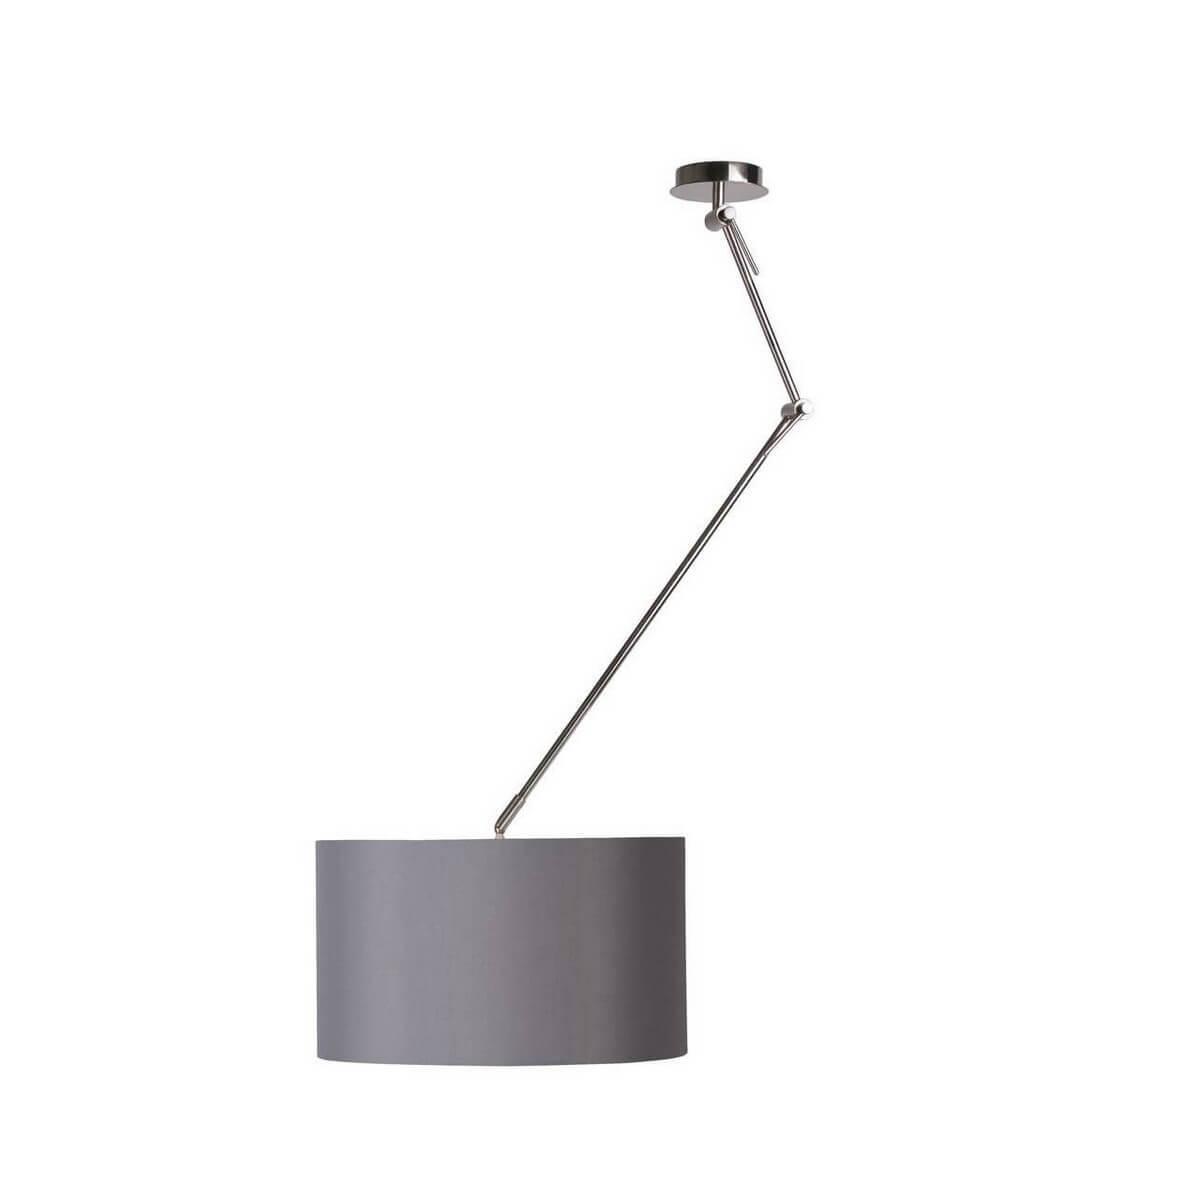 Подвесной светильник Lucide 31459/45/36, E27, 60 Вт